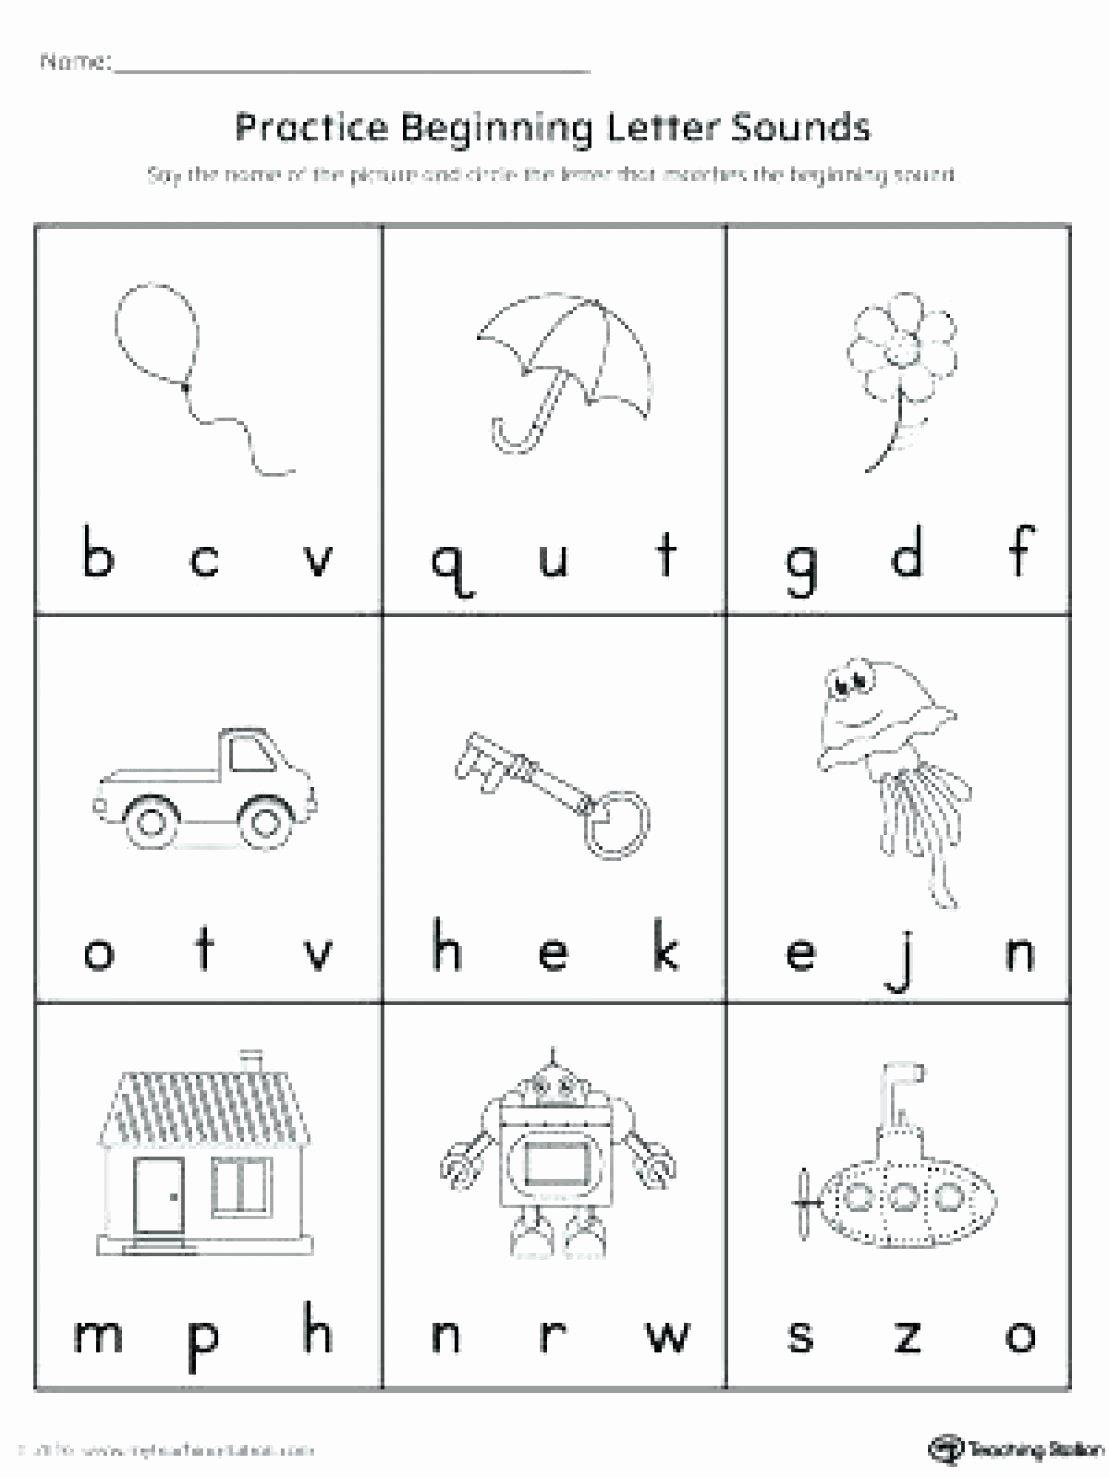 Letter Sound Worksheets For Preschoolers